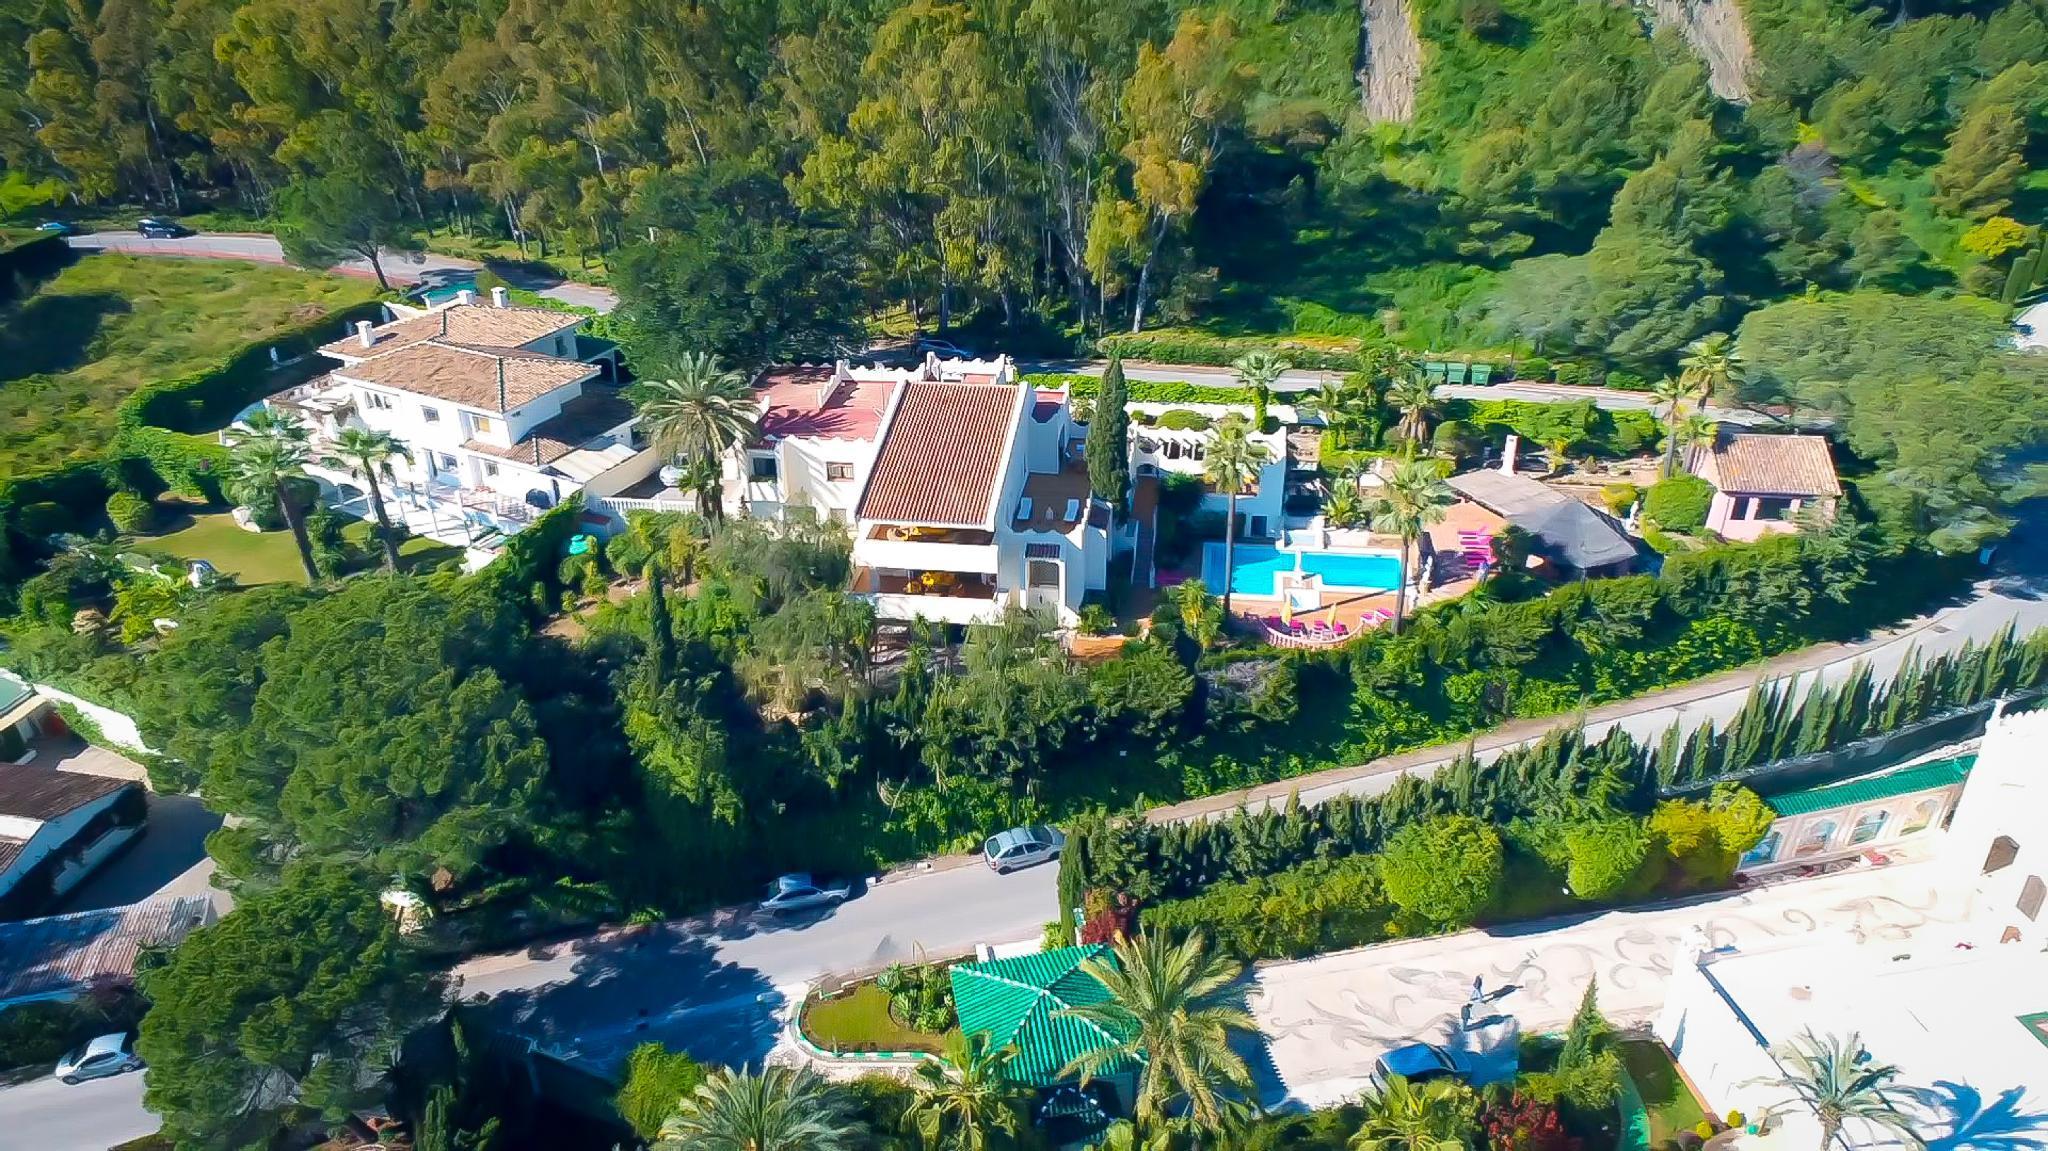 Royal Roman Empire Marbella Private Luxury Villa